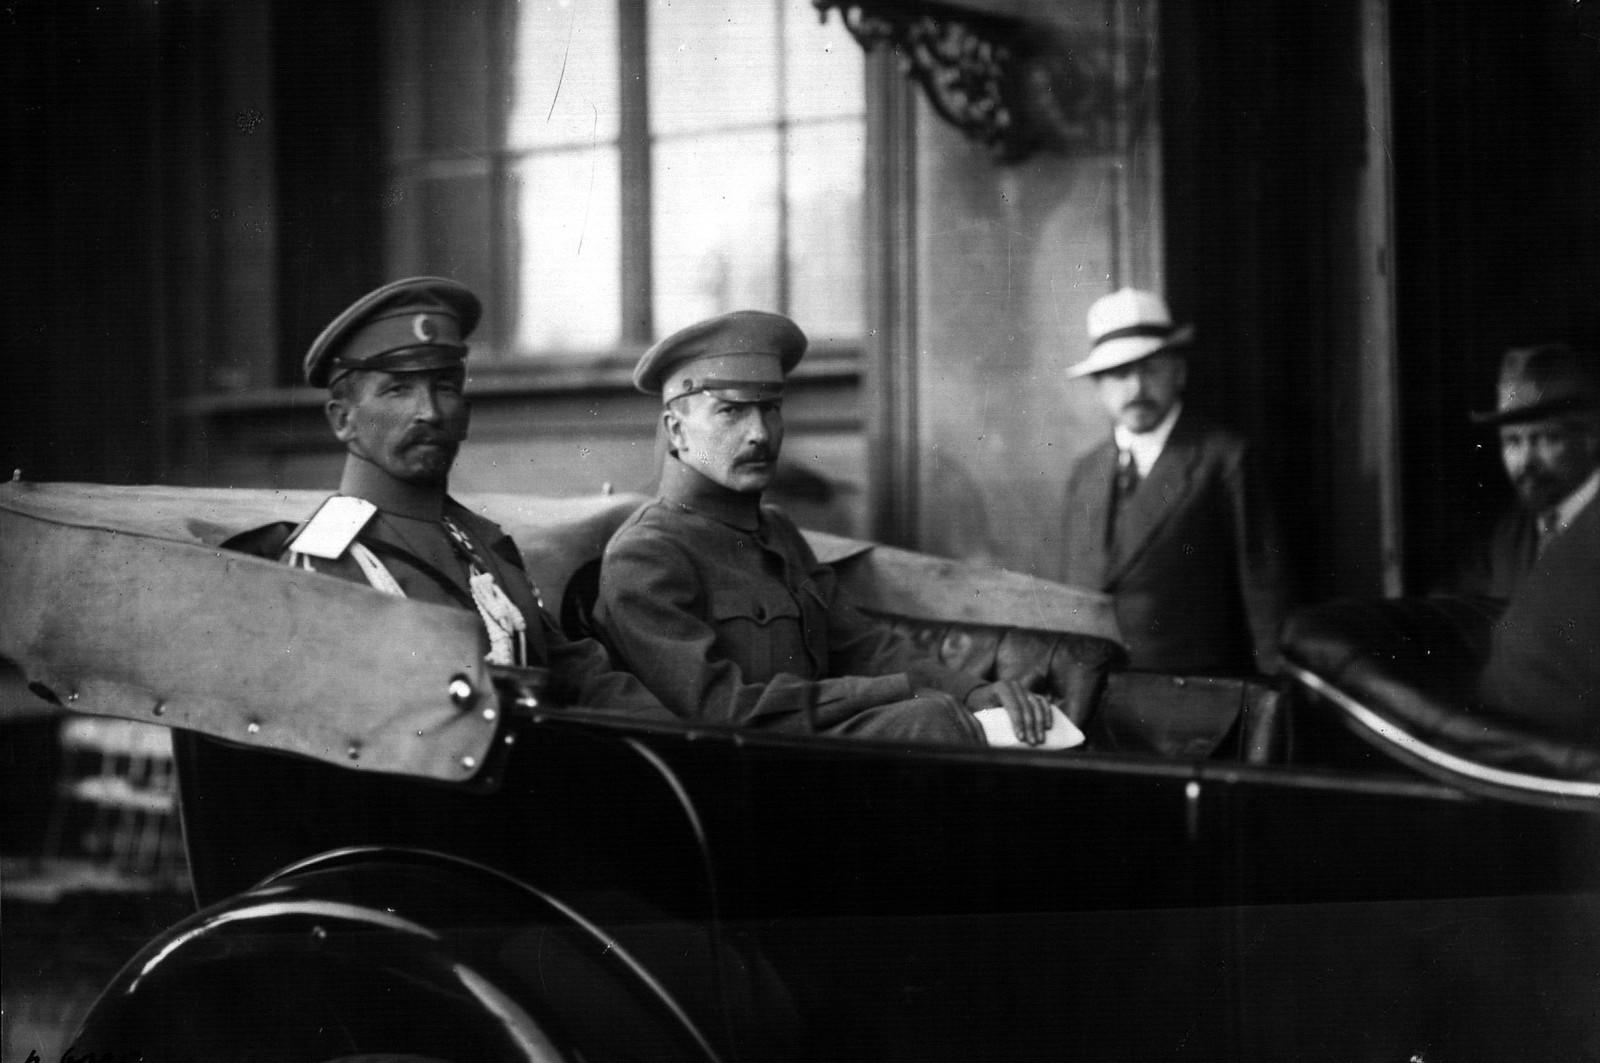 Генерал Л. Г. Корнилов и Б. В. Савинков у подъезда Зимнего дворца. Петроград